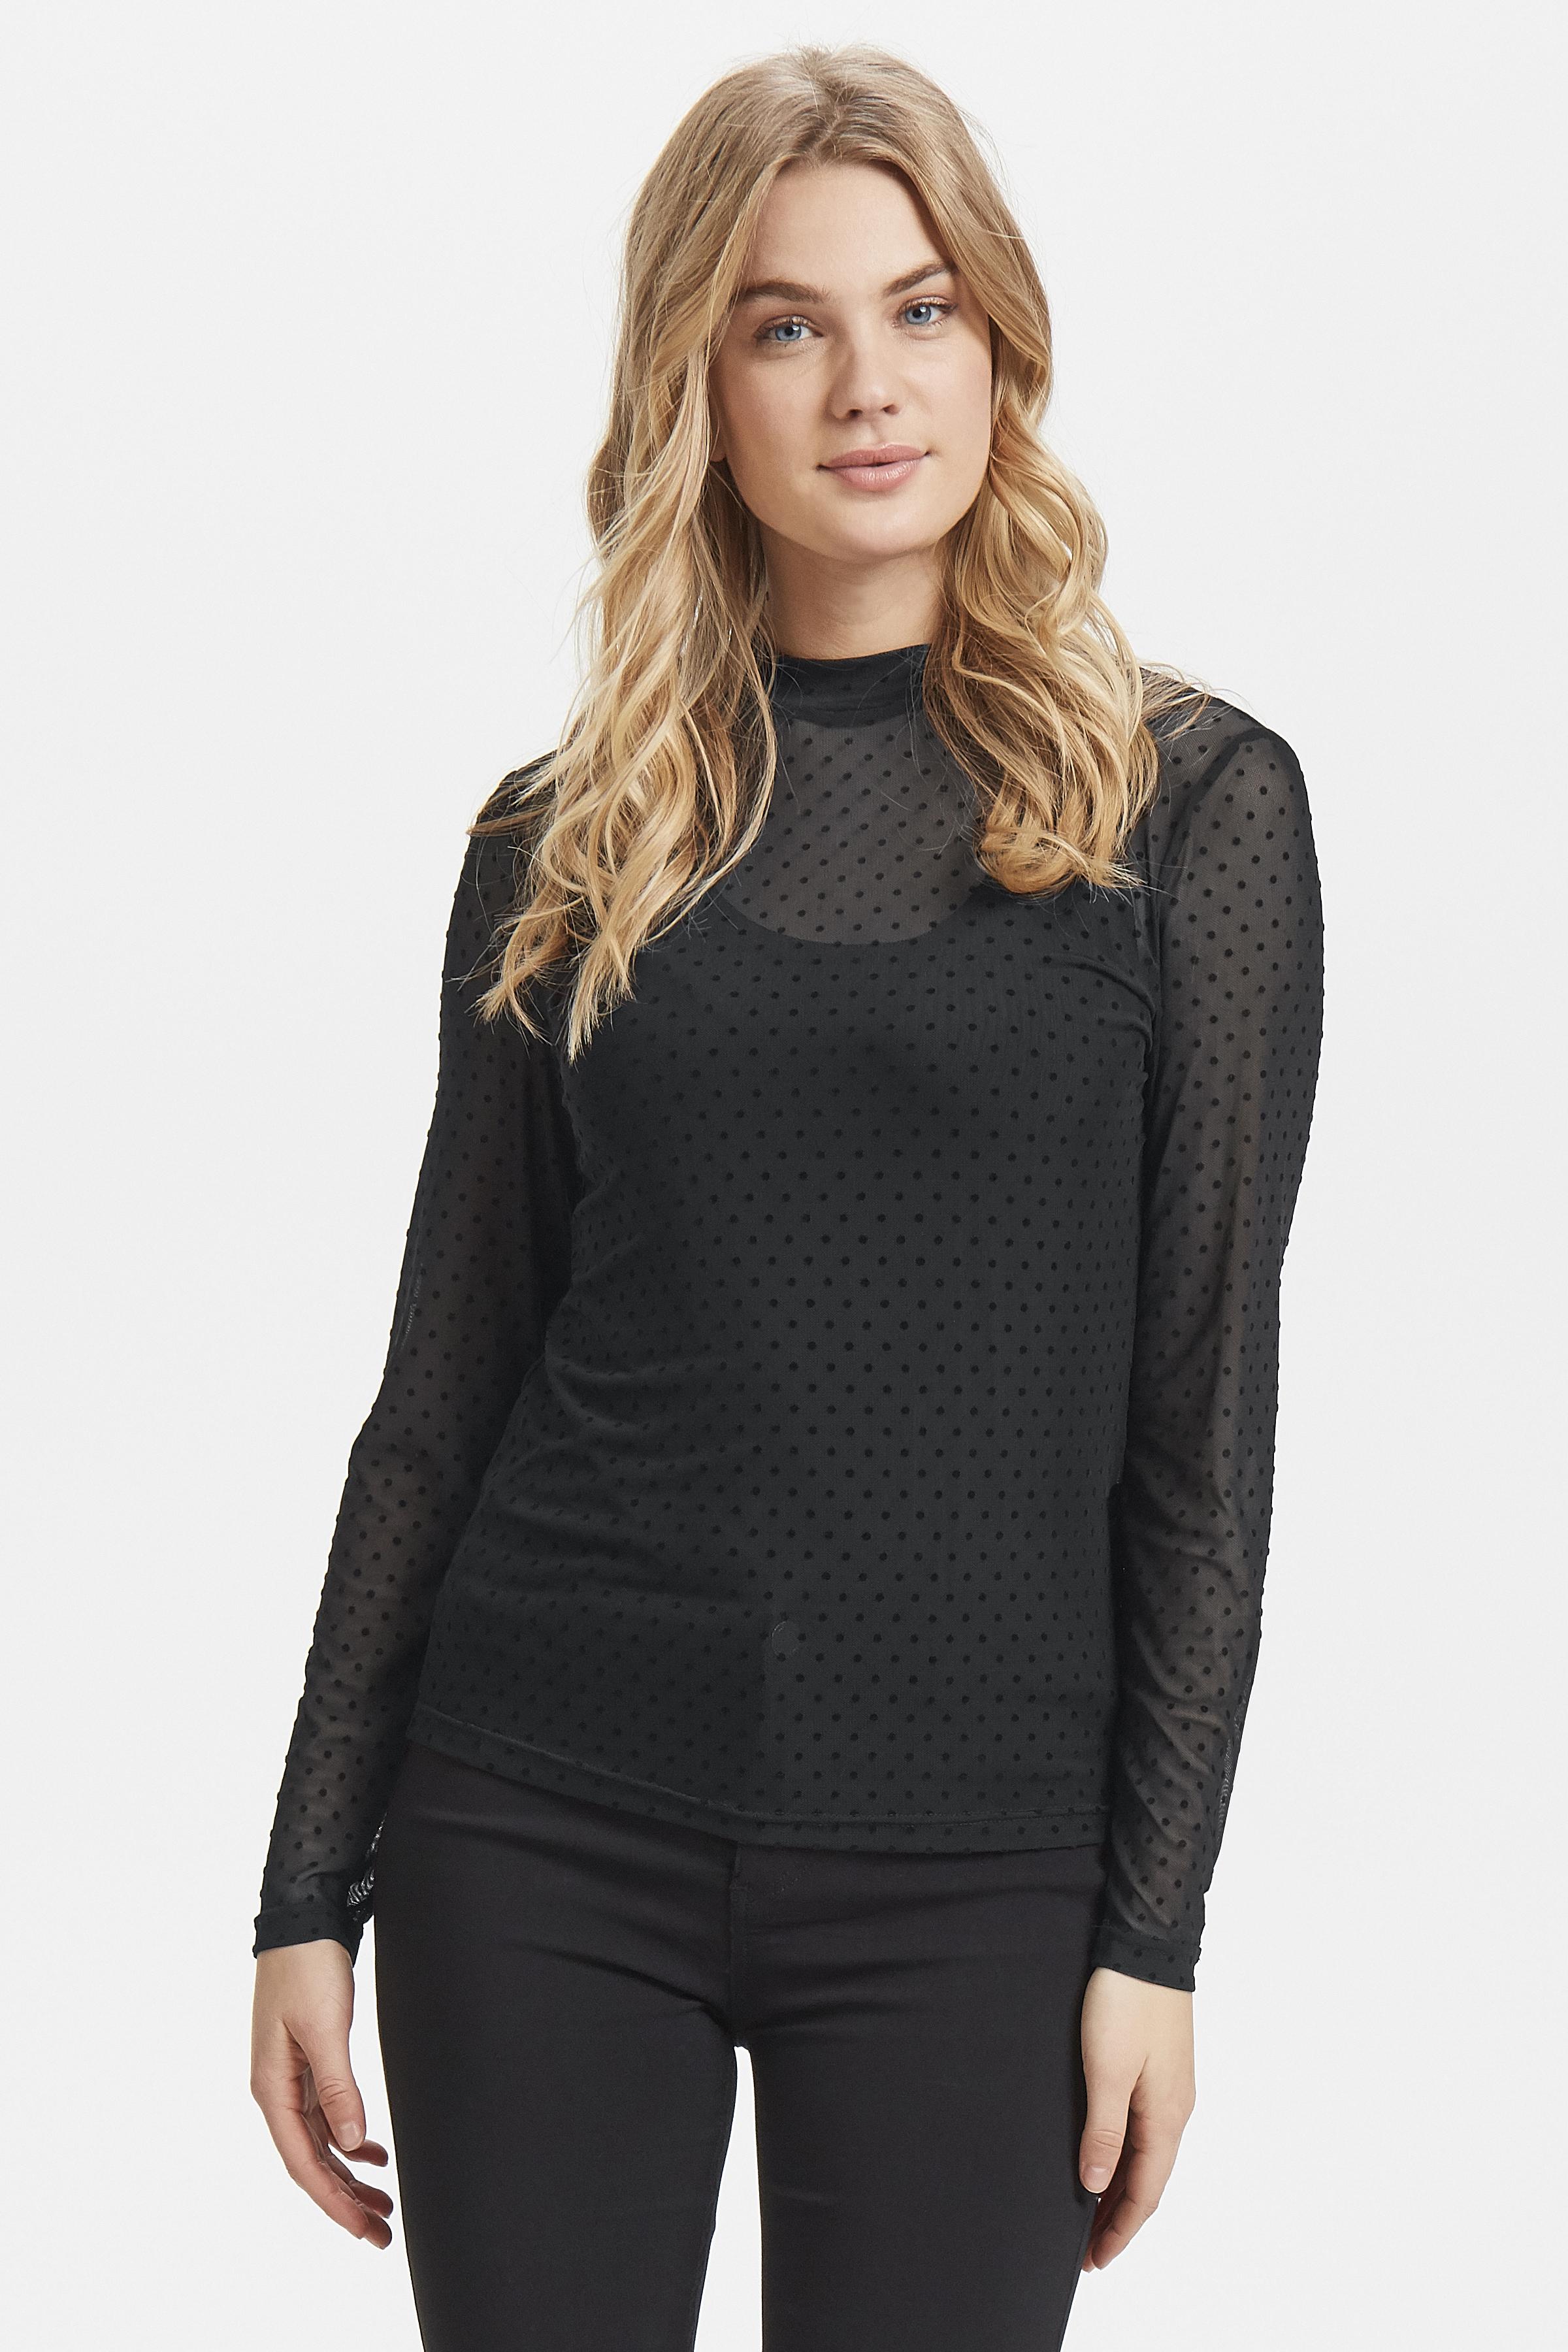 Black dot Combi 1 Blouse met lange mouwen van b.young – Koop Black dot Combi 1 Blouse met lange mouwen hier van size XS-XL